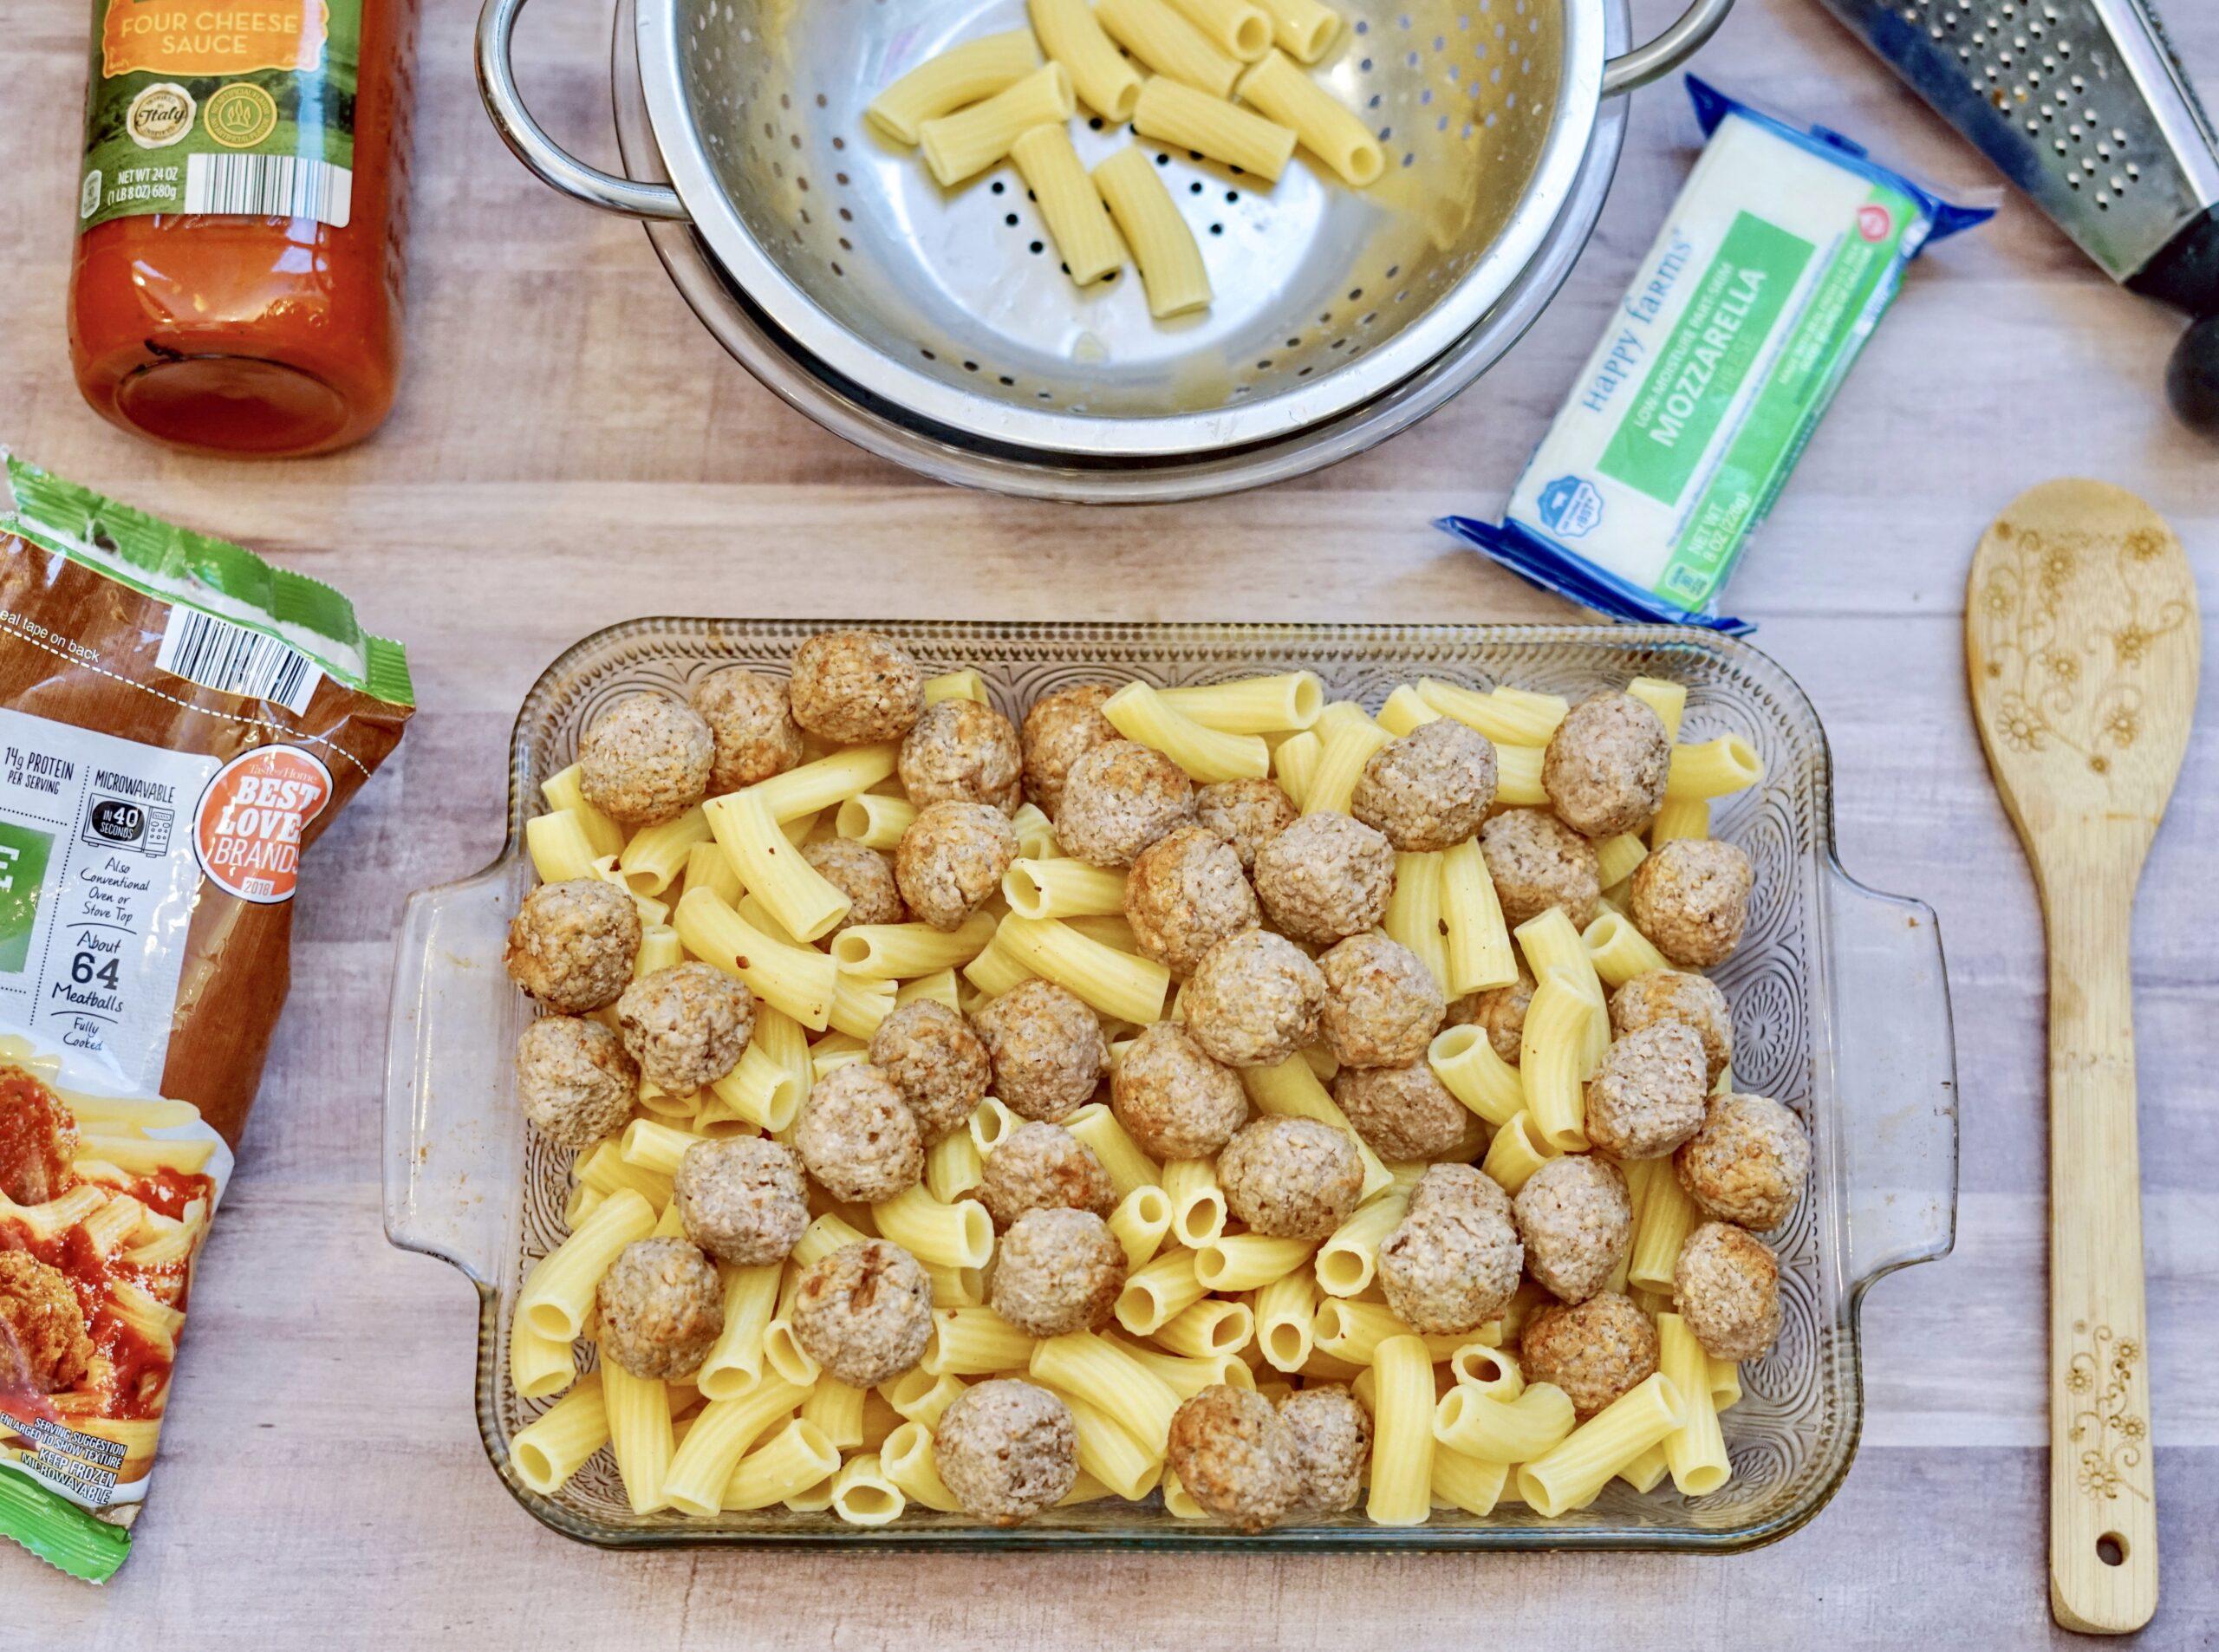 Aldi Quick & Easy Meatball Casserole